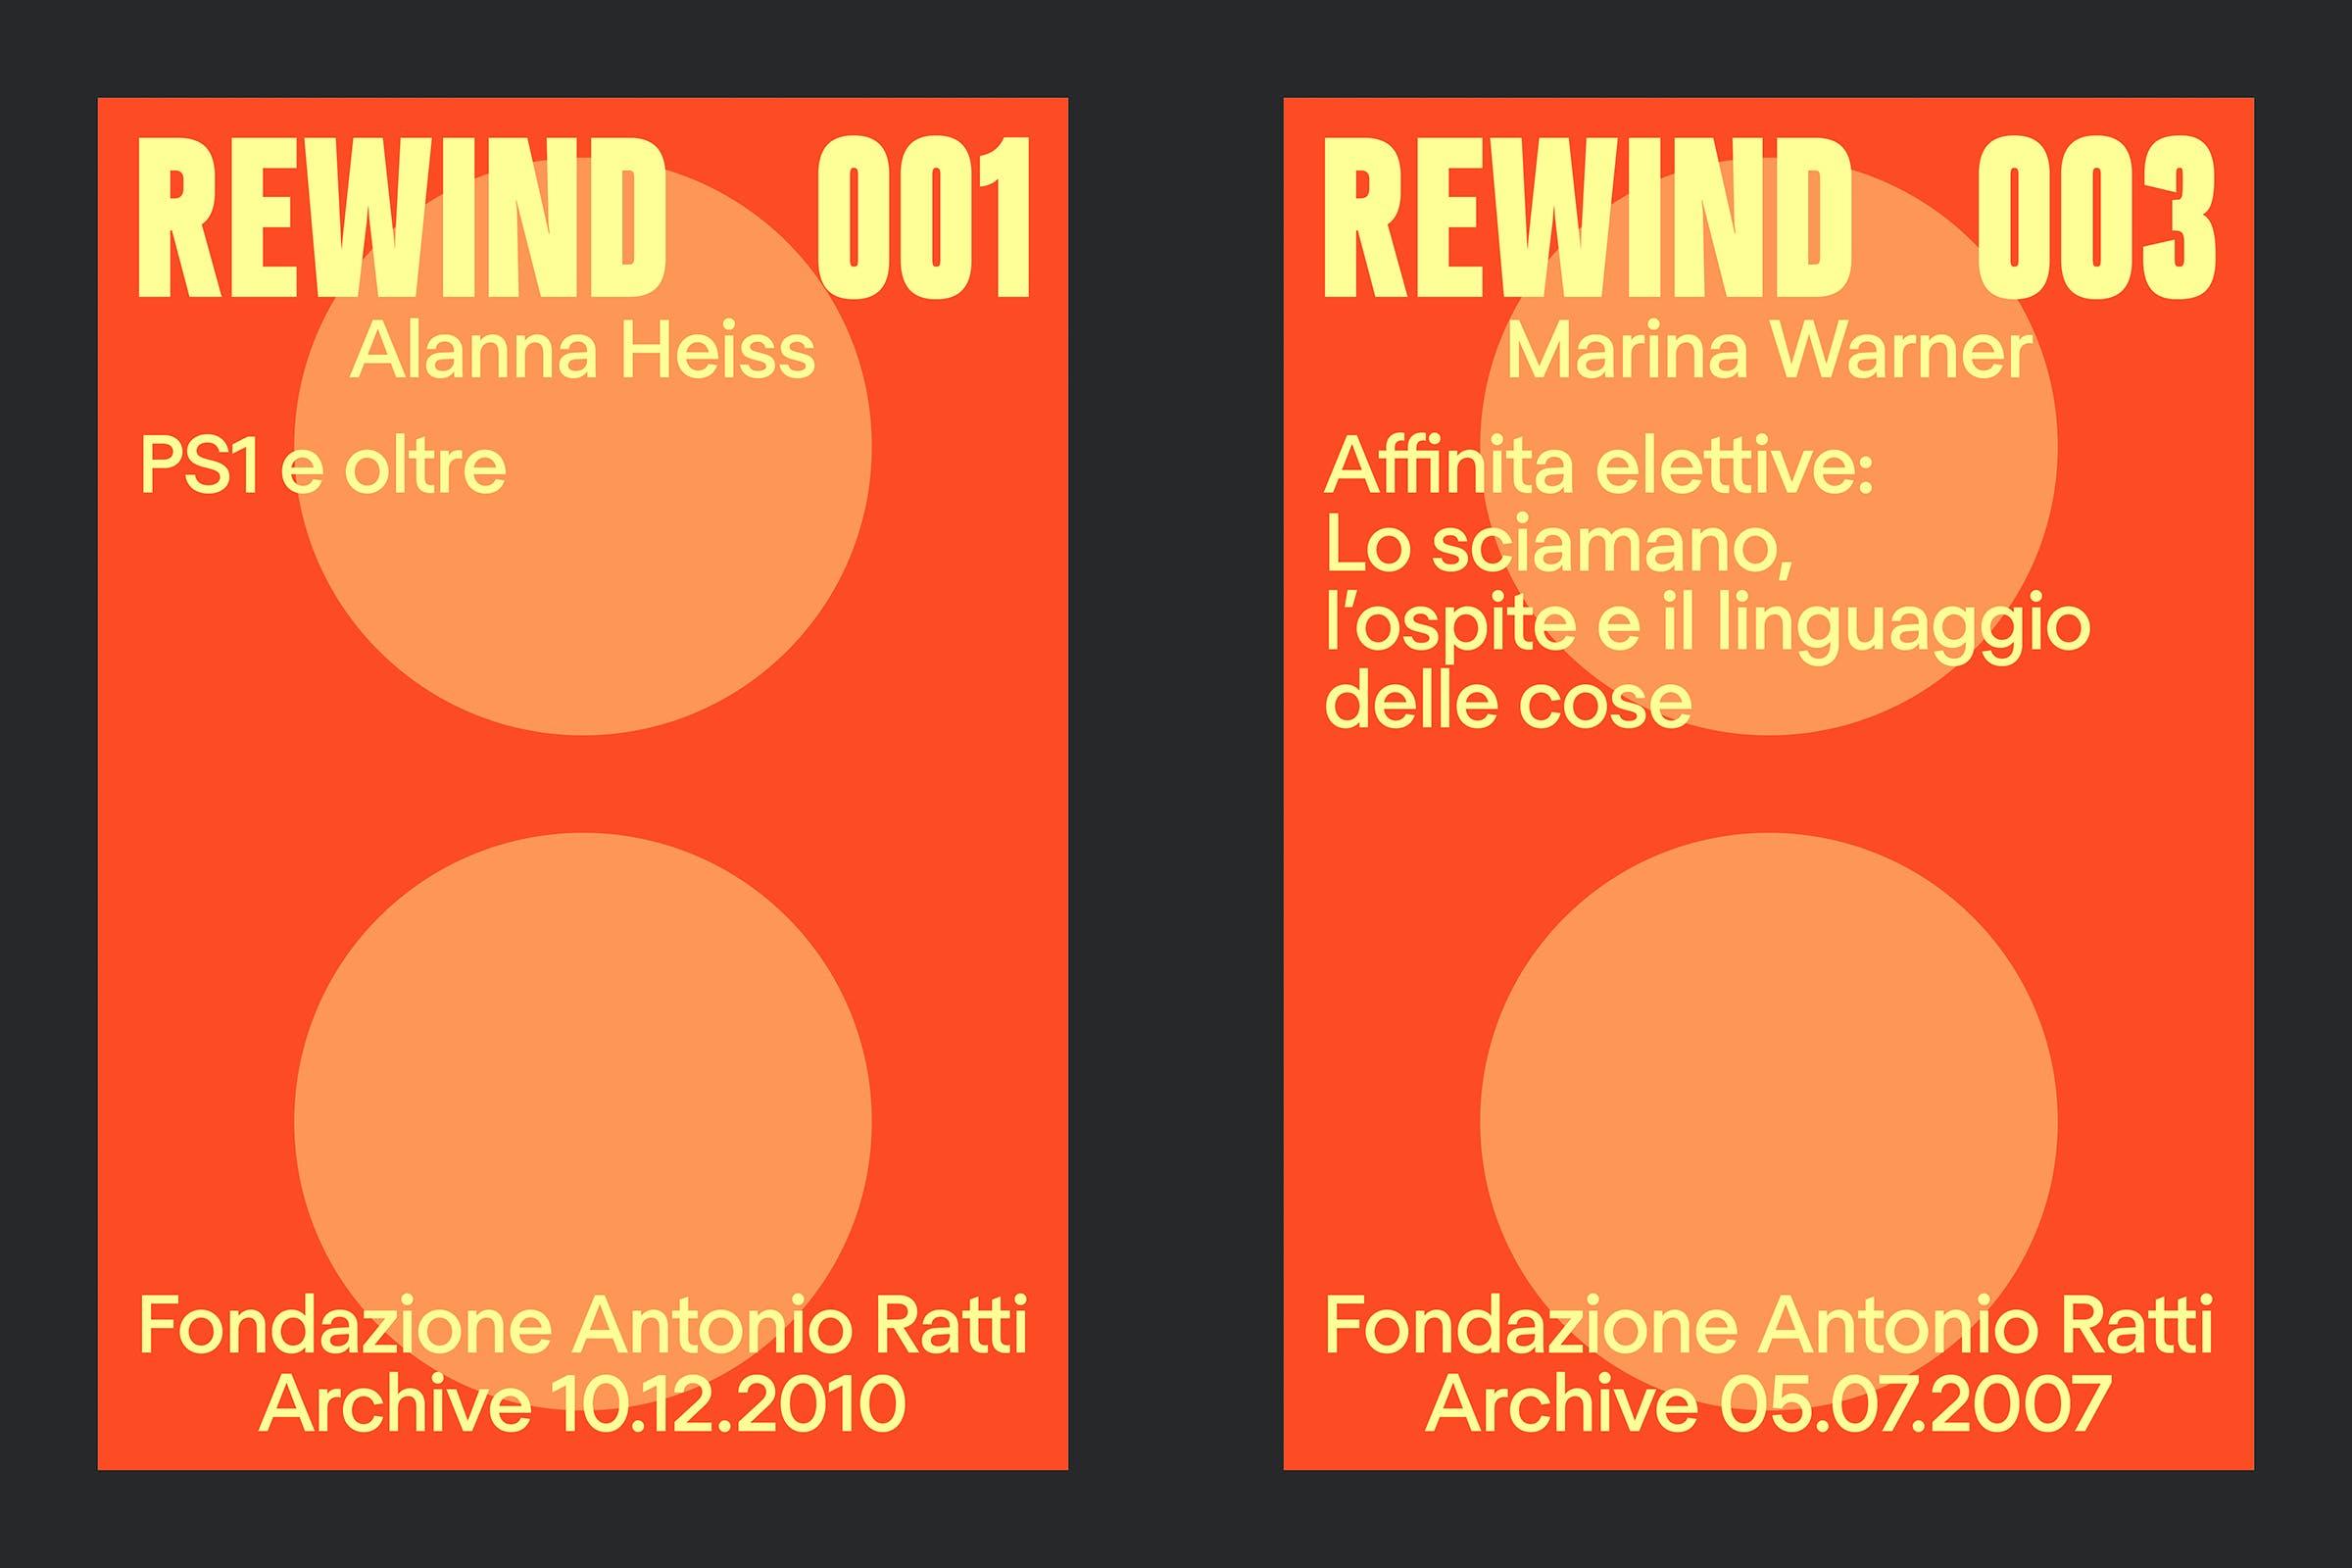 Fondazione Antionio Ratti, REWIND, Campaign Identity, Graphic Design by Wolfe Hall